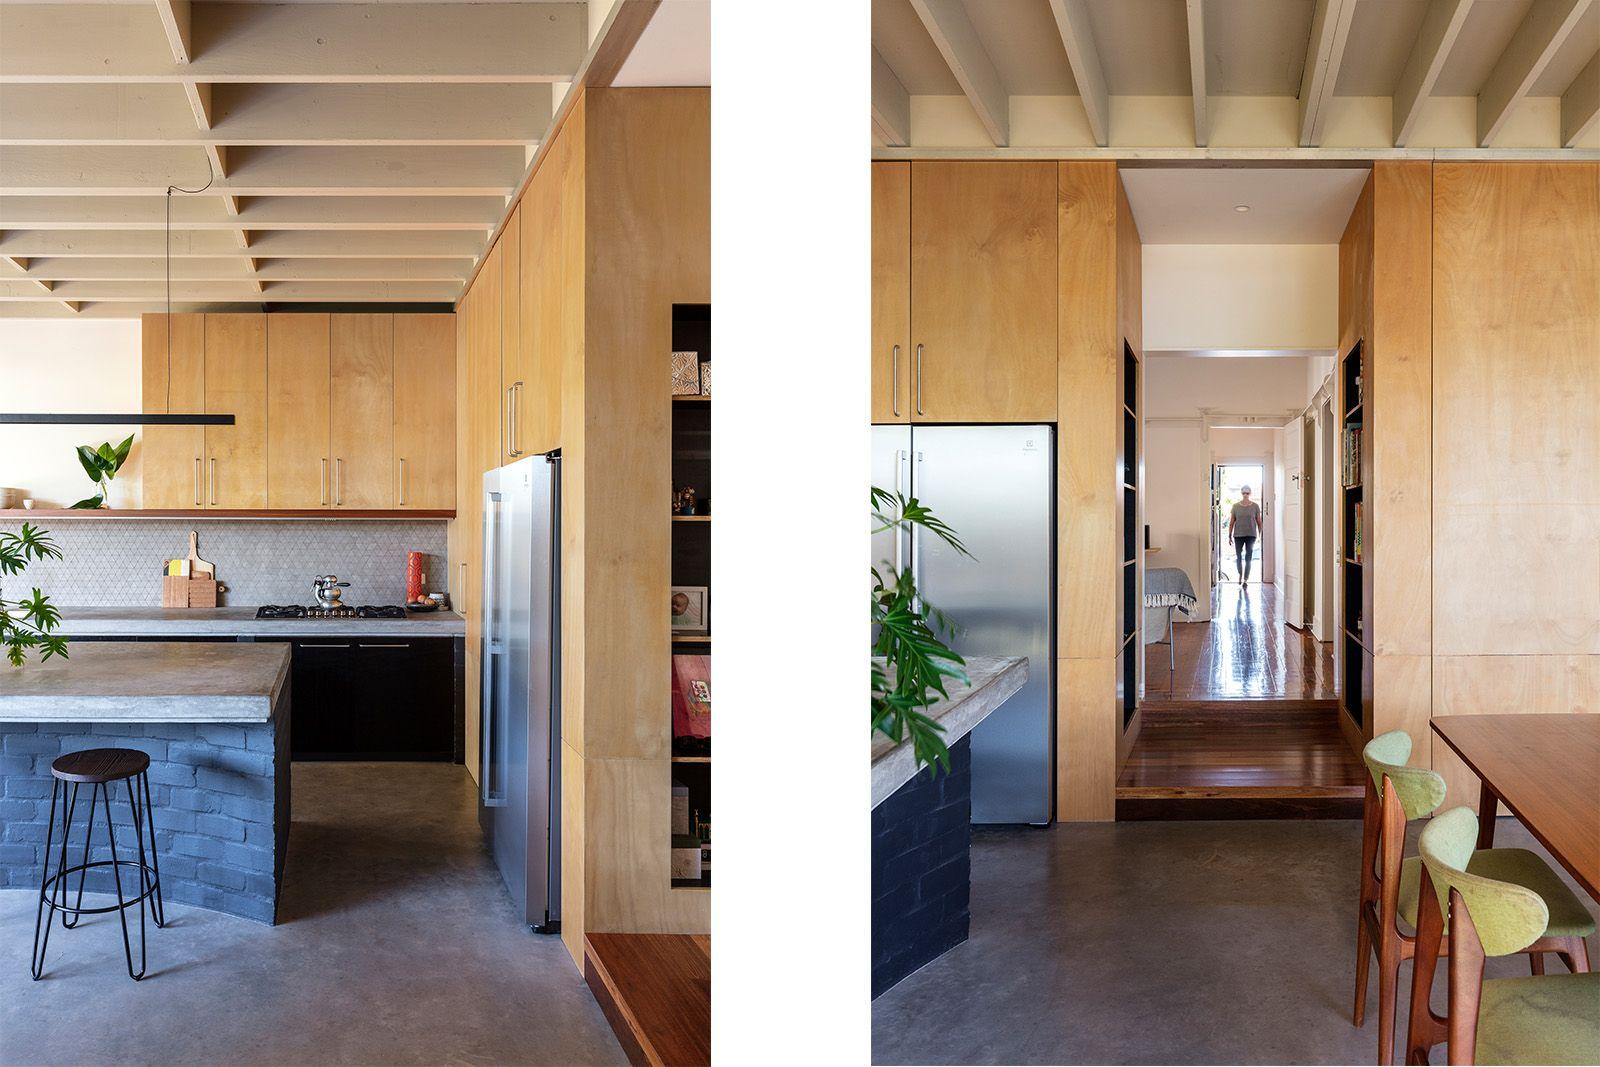 Ausgezeichnet Diy Küchenschranktüren Design Zeitgenössisch - Ideen ...